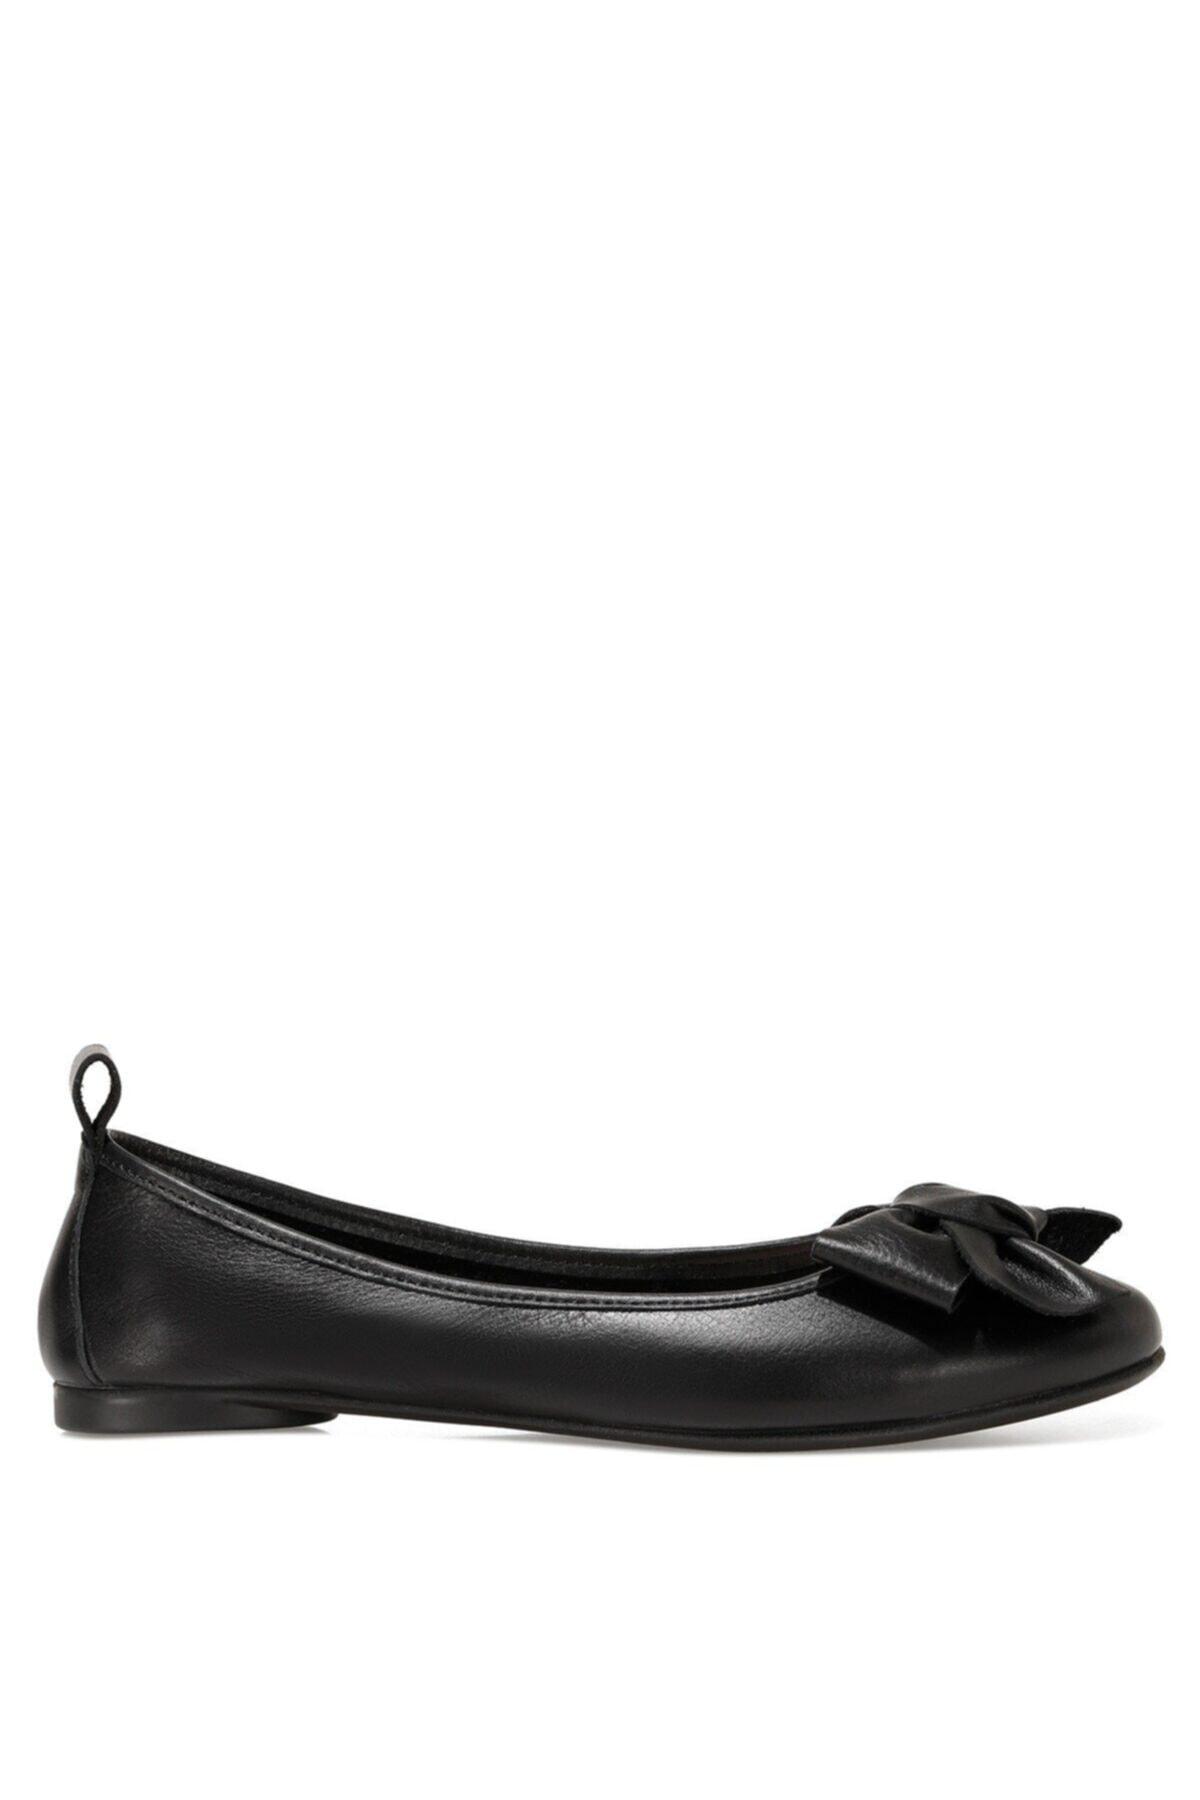 خرید انلاین کفش تخت زنانه خاص برند Nine West رنگ مشکی کد ty90246670